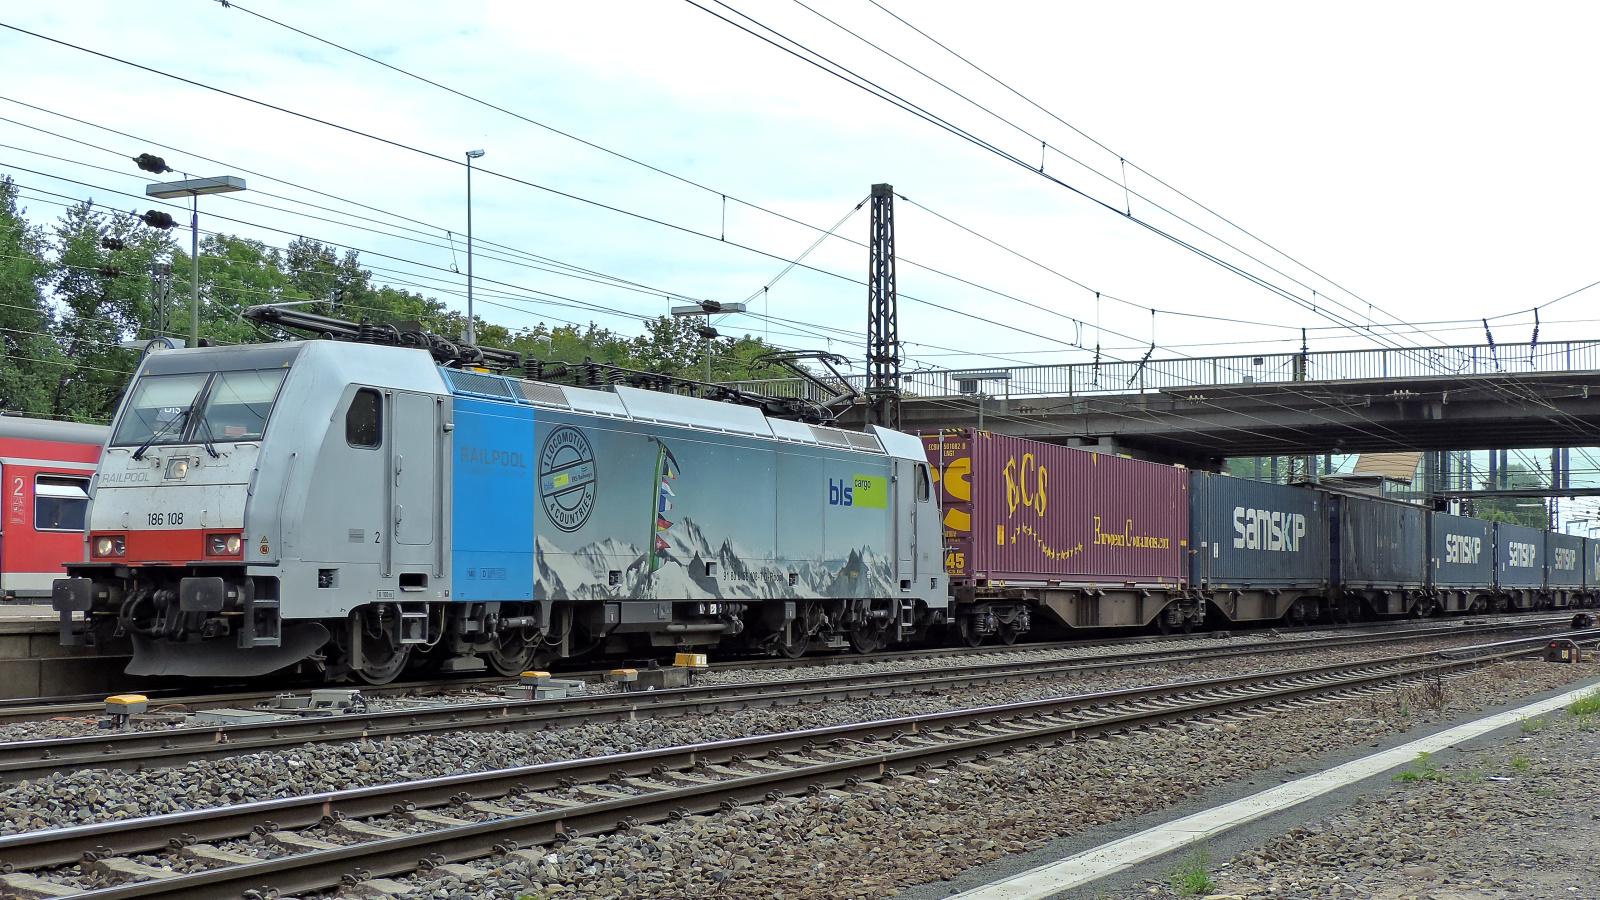 186 108 Railpool - bls cargo mit einem Containerzug